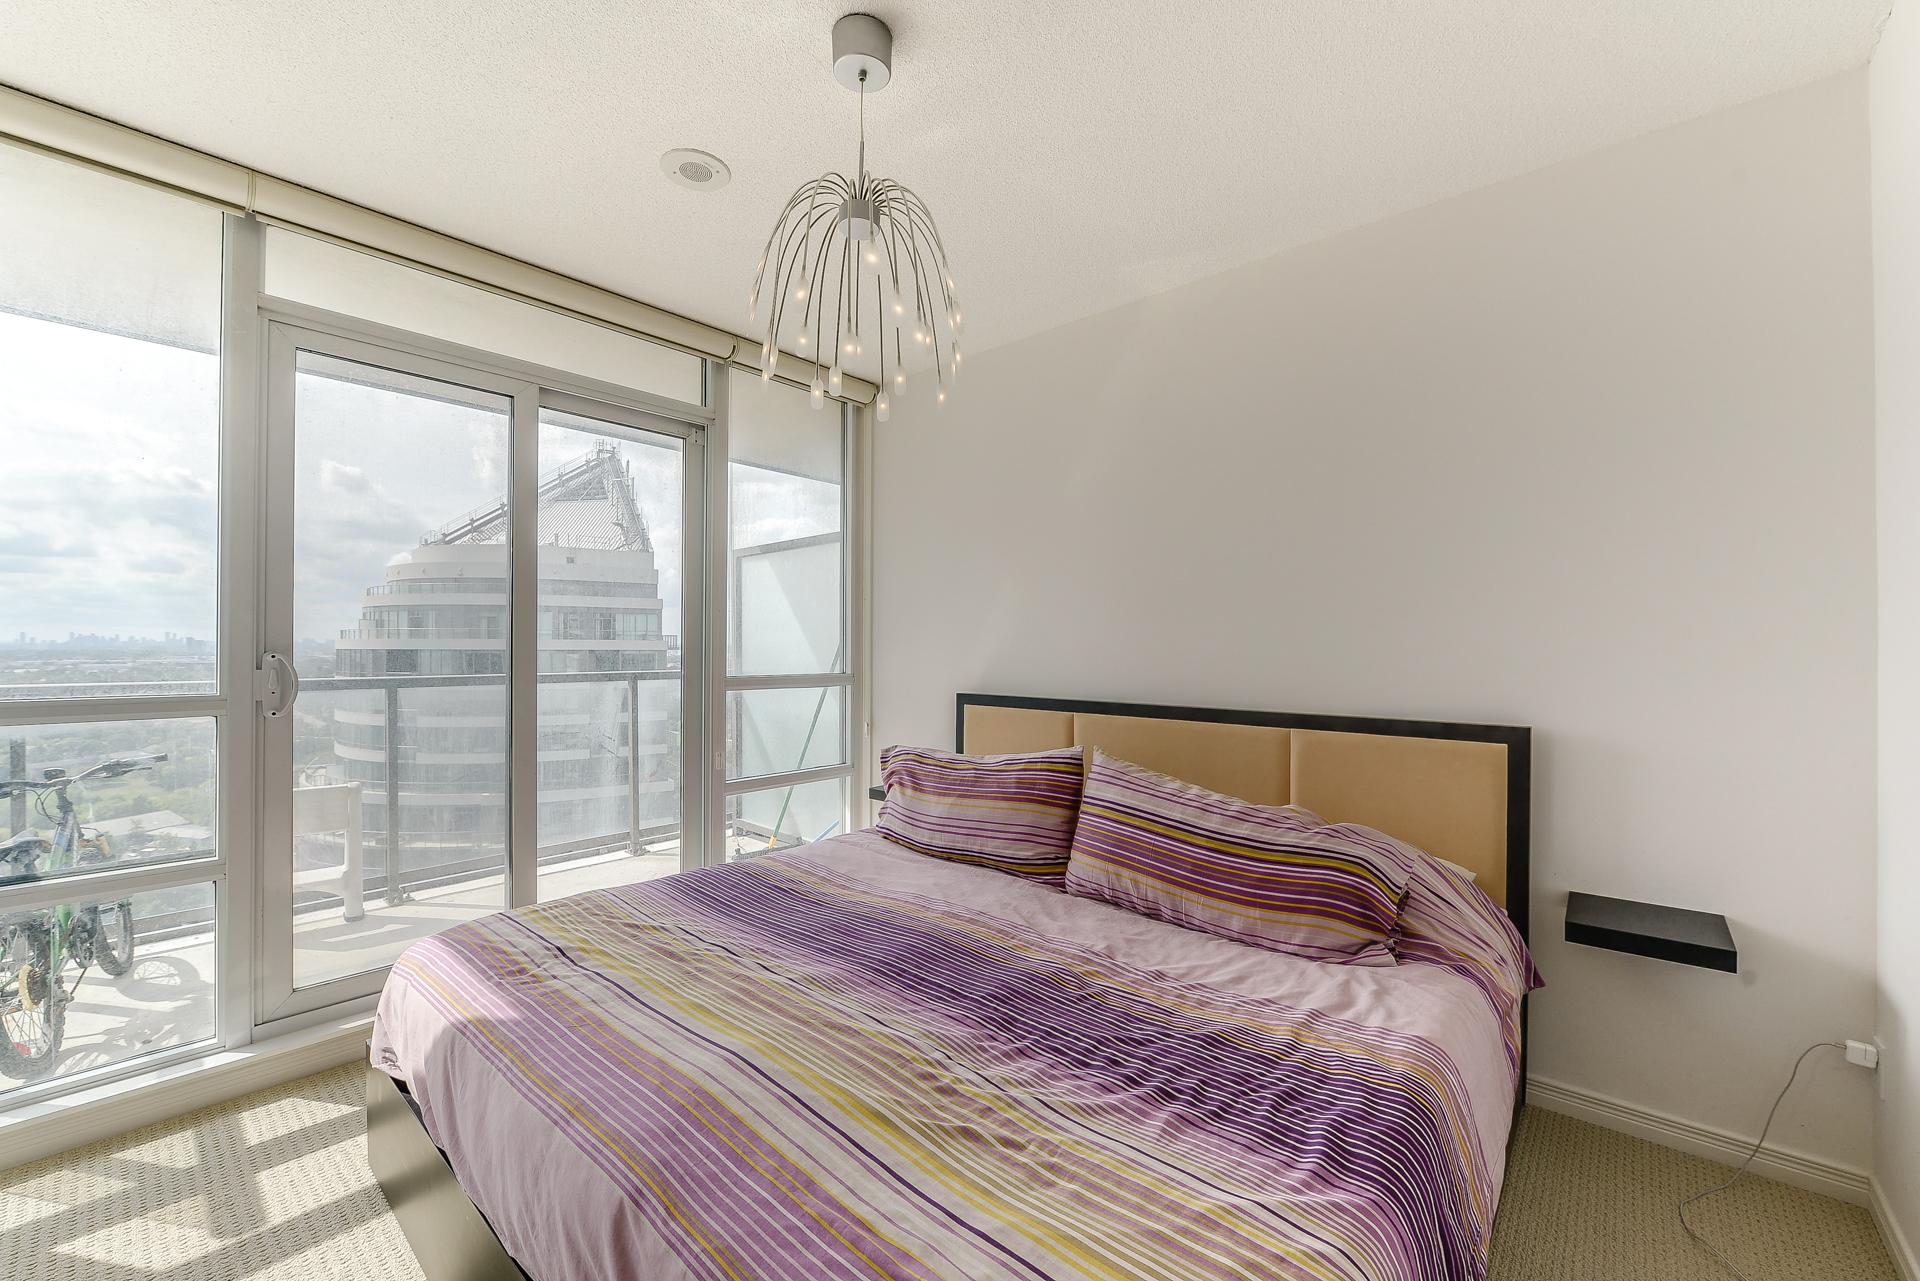 25_master_bedroom2.jpg